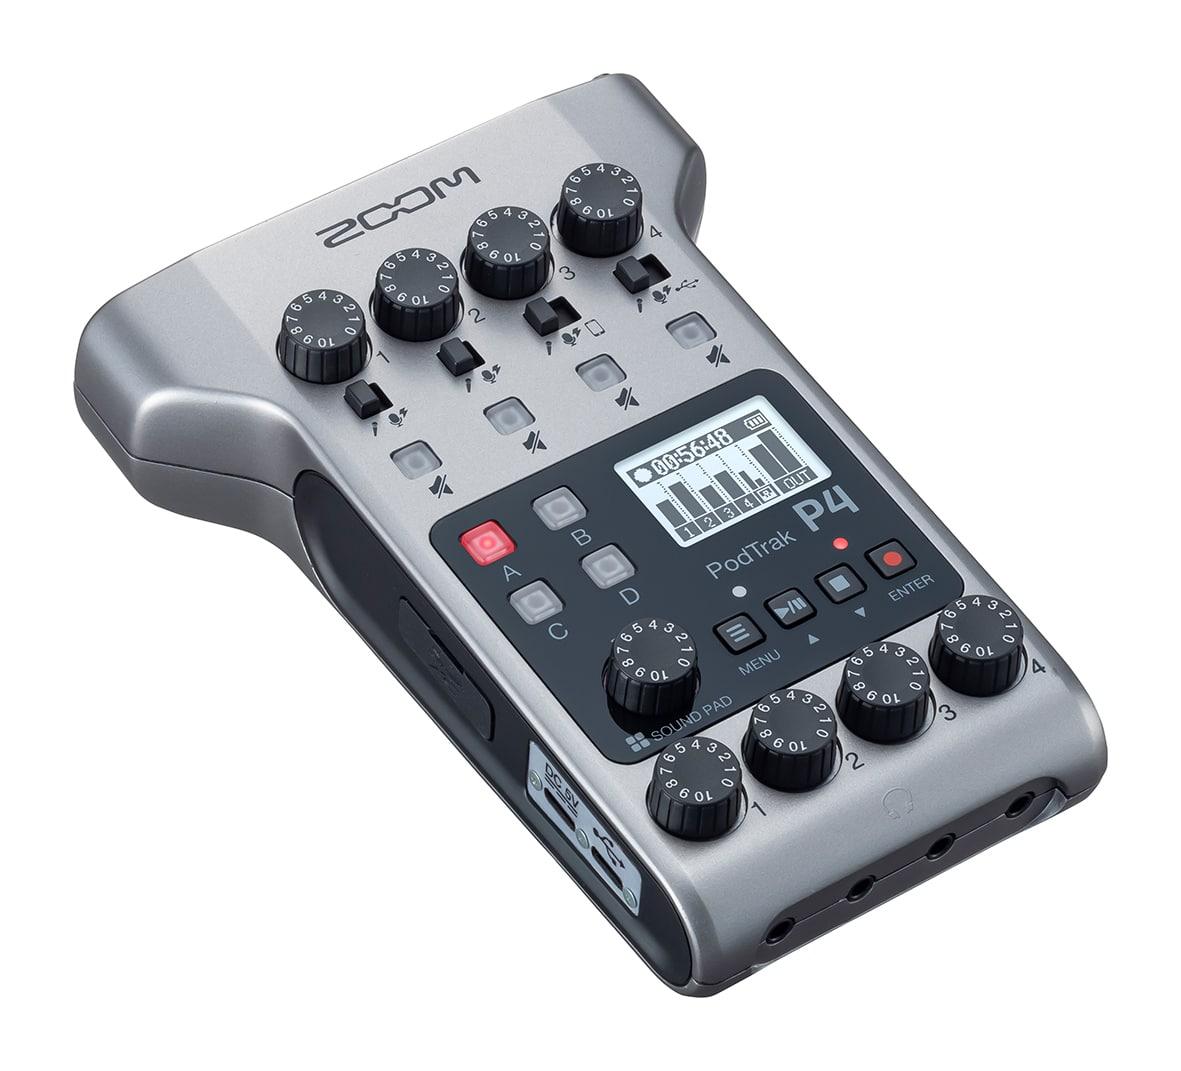 Der handliche Zoom PodTrak P4 stellt vier Mikrofoneingänge, einen Eingang für Smartphones sowie vier Soundpads bereit.